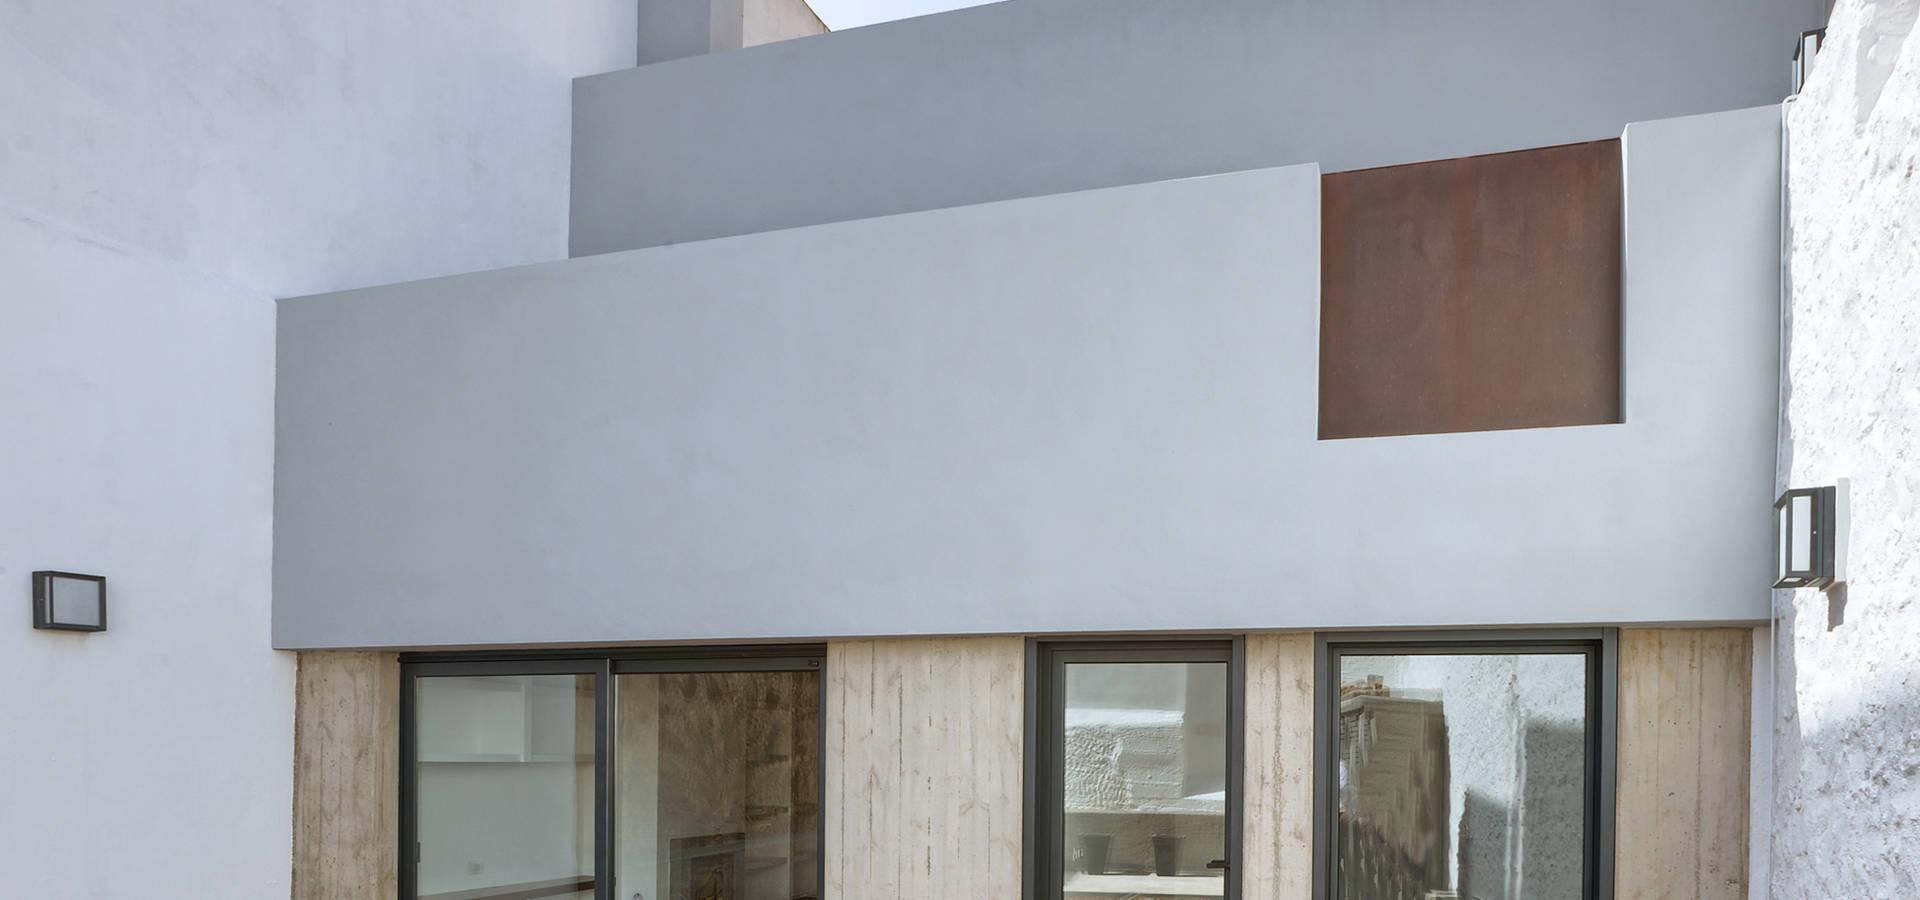 Beautell Arquitectos